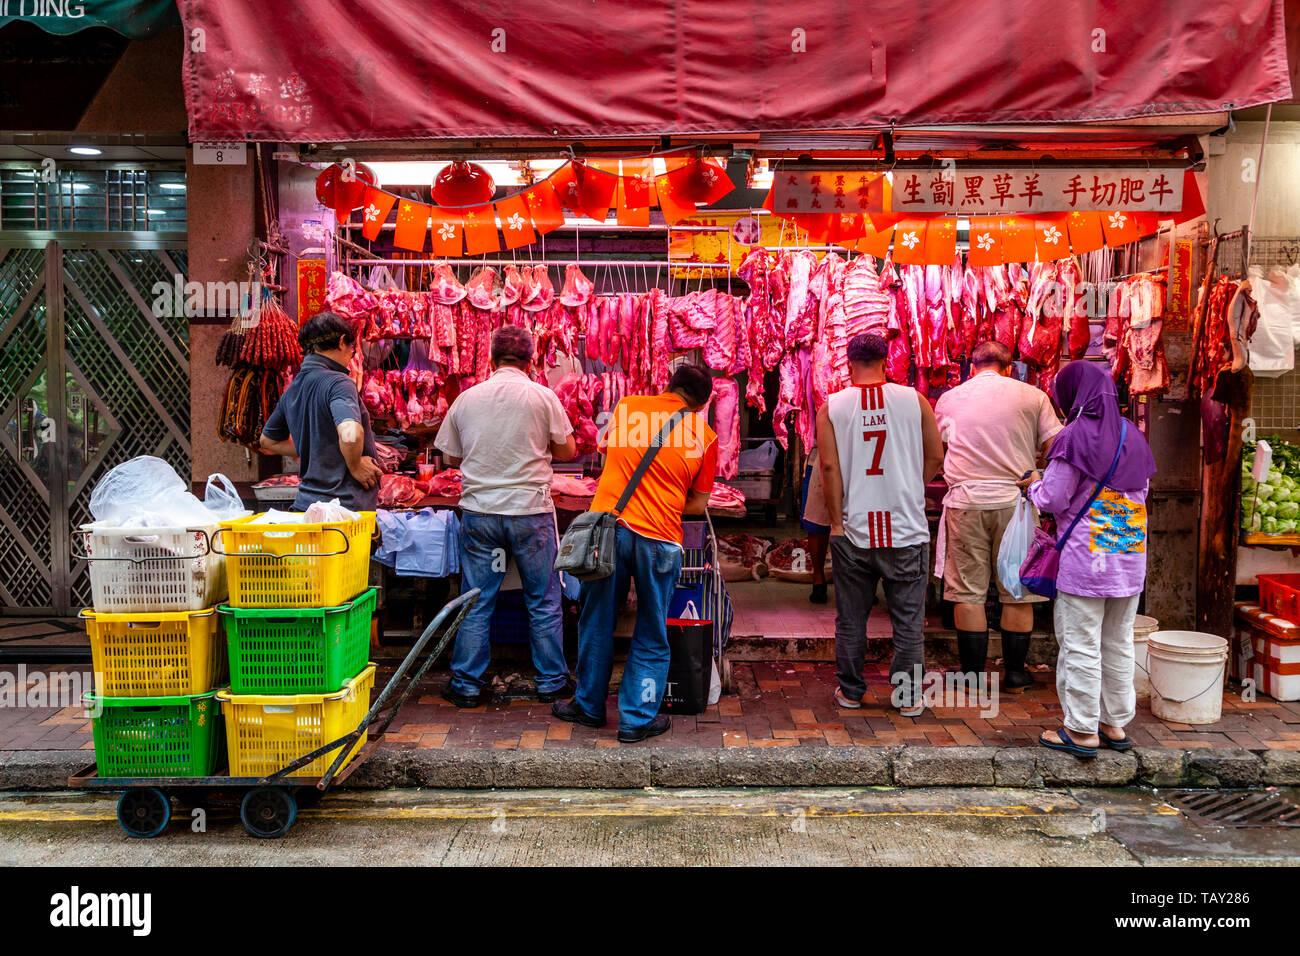 Les gens d'acheter de la viande à un magasin à la boucherie Bowrington Road Food Market, Hong Kong, Chine Banque D'Images